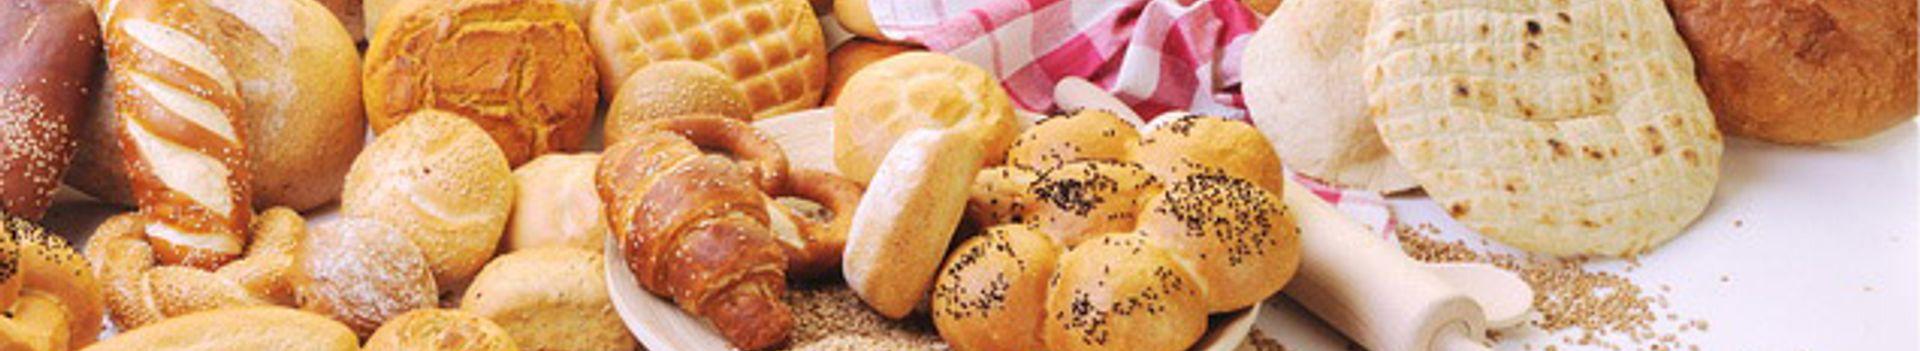 Wurm Bäckerei - Lieferservice Gleisdorf Lieferservice in Gleisdorf